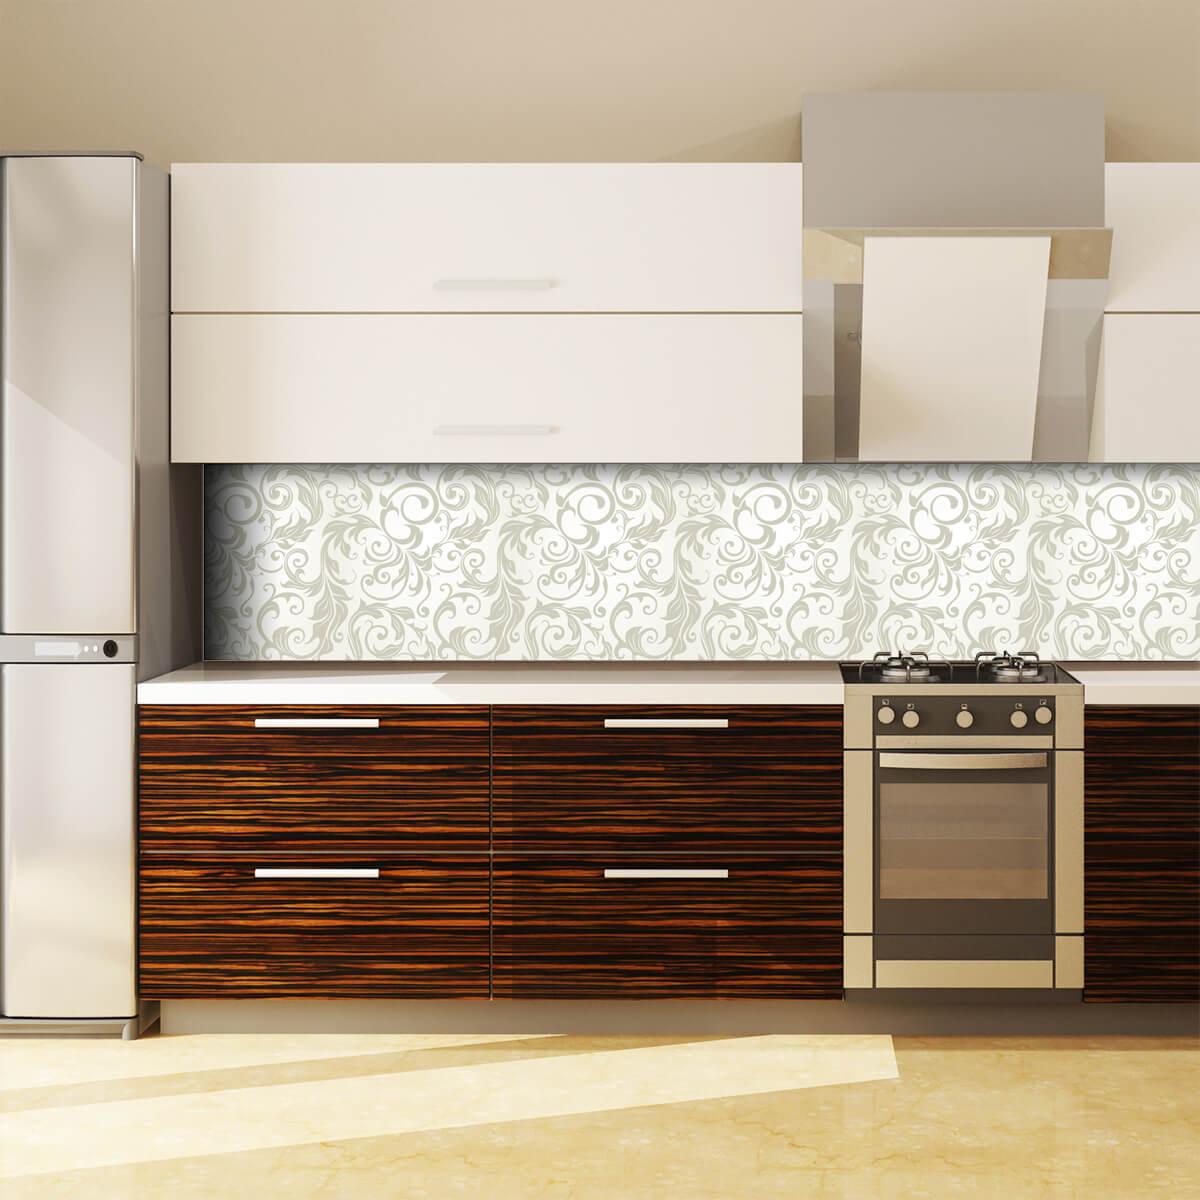 Küchenrückwand aus Glas Flower Dekor 989704219